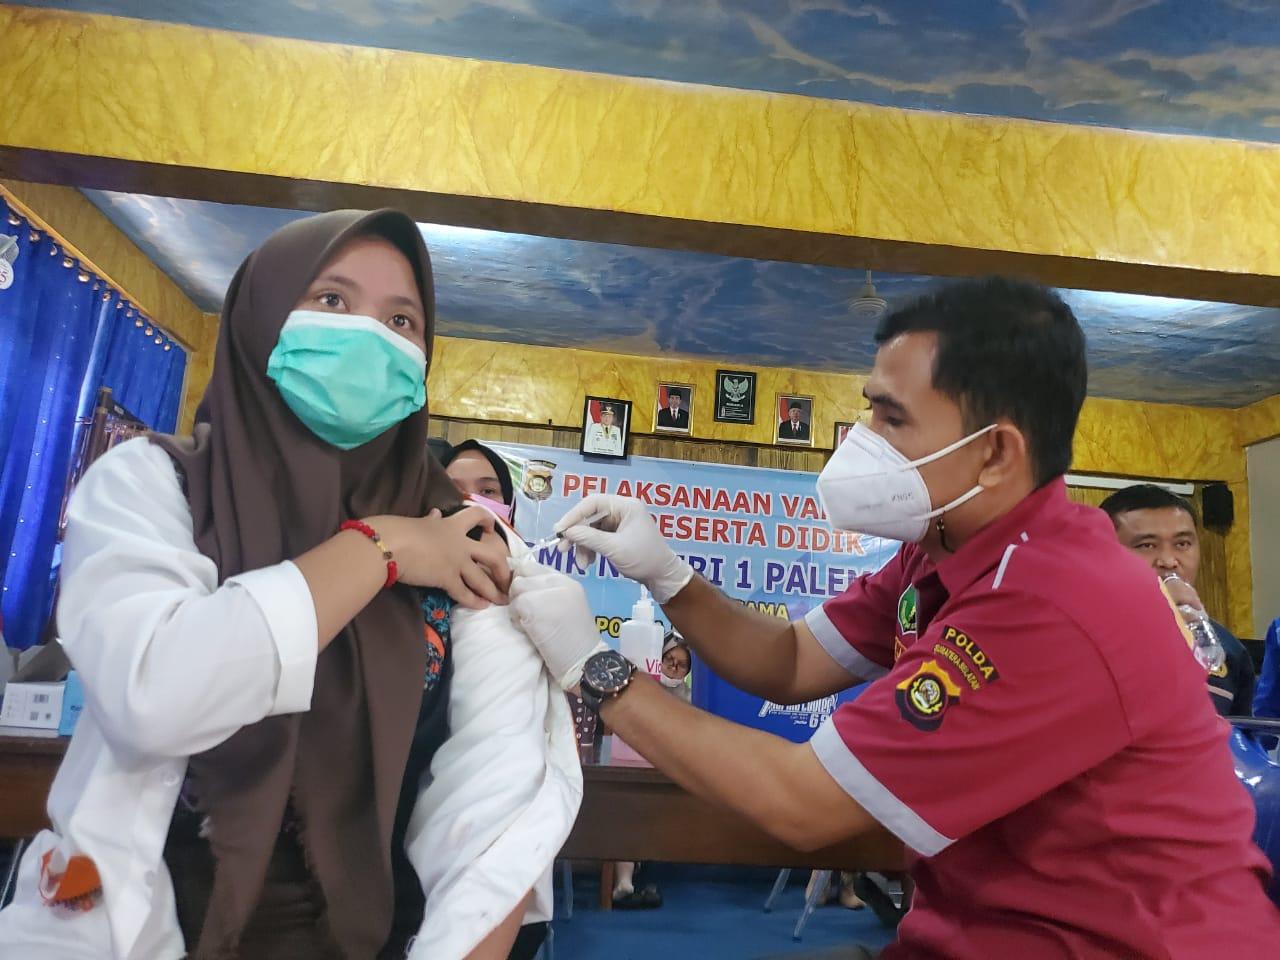 SMKN 1 Palembang menggelar pelaksanaan vaksinasi bagi pelajarnya, Jumat (10/9/2021).